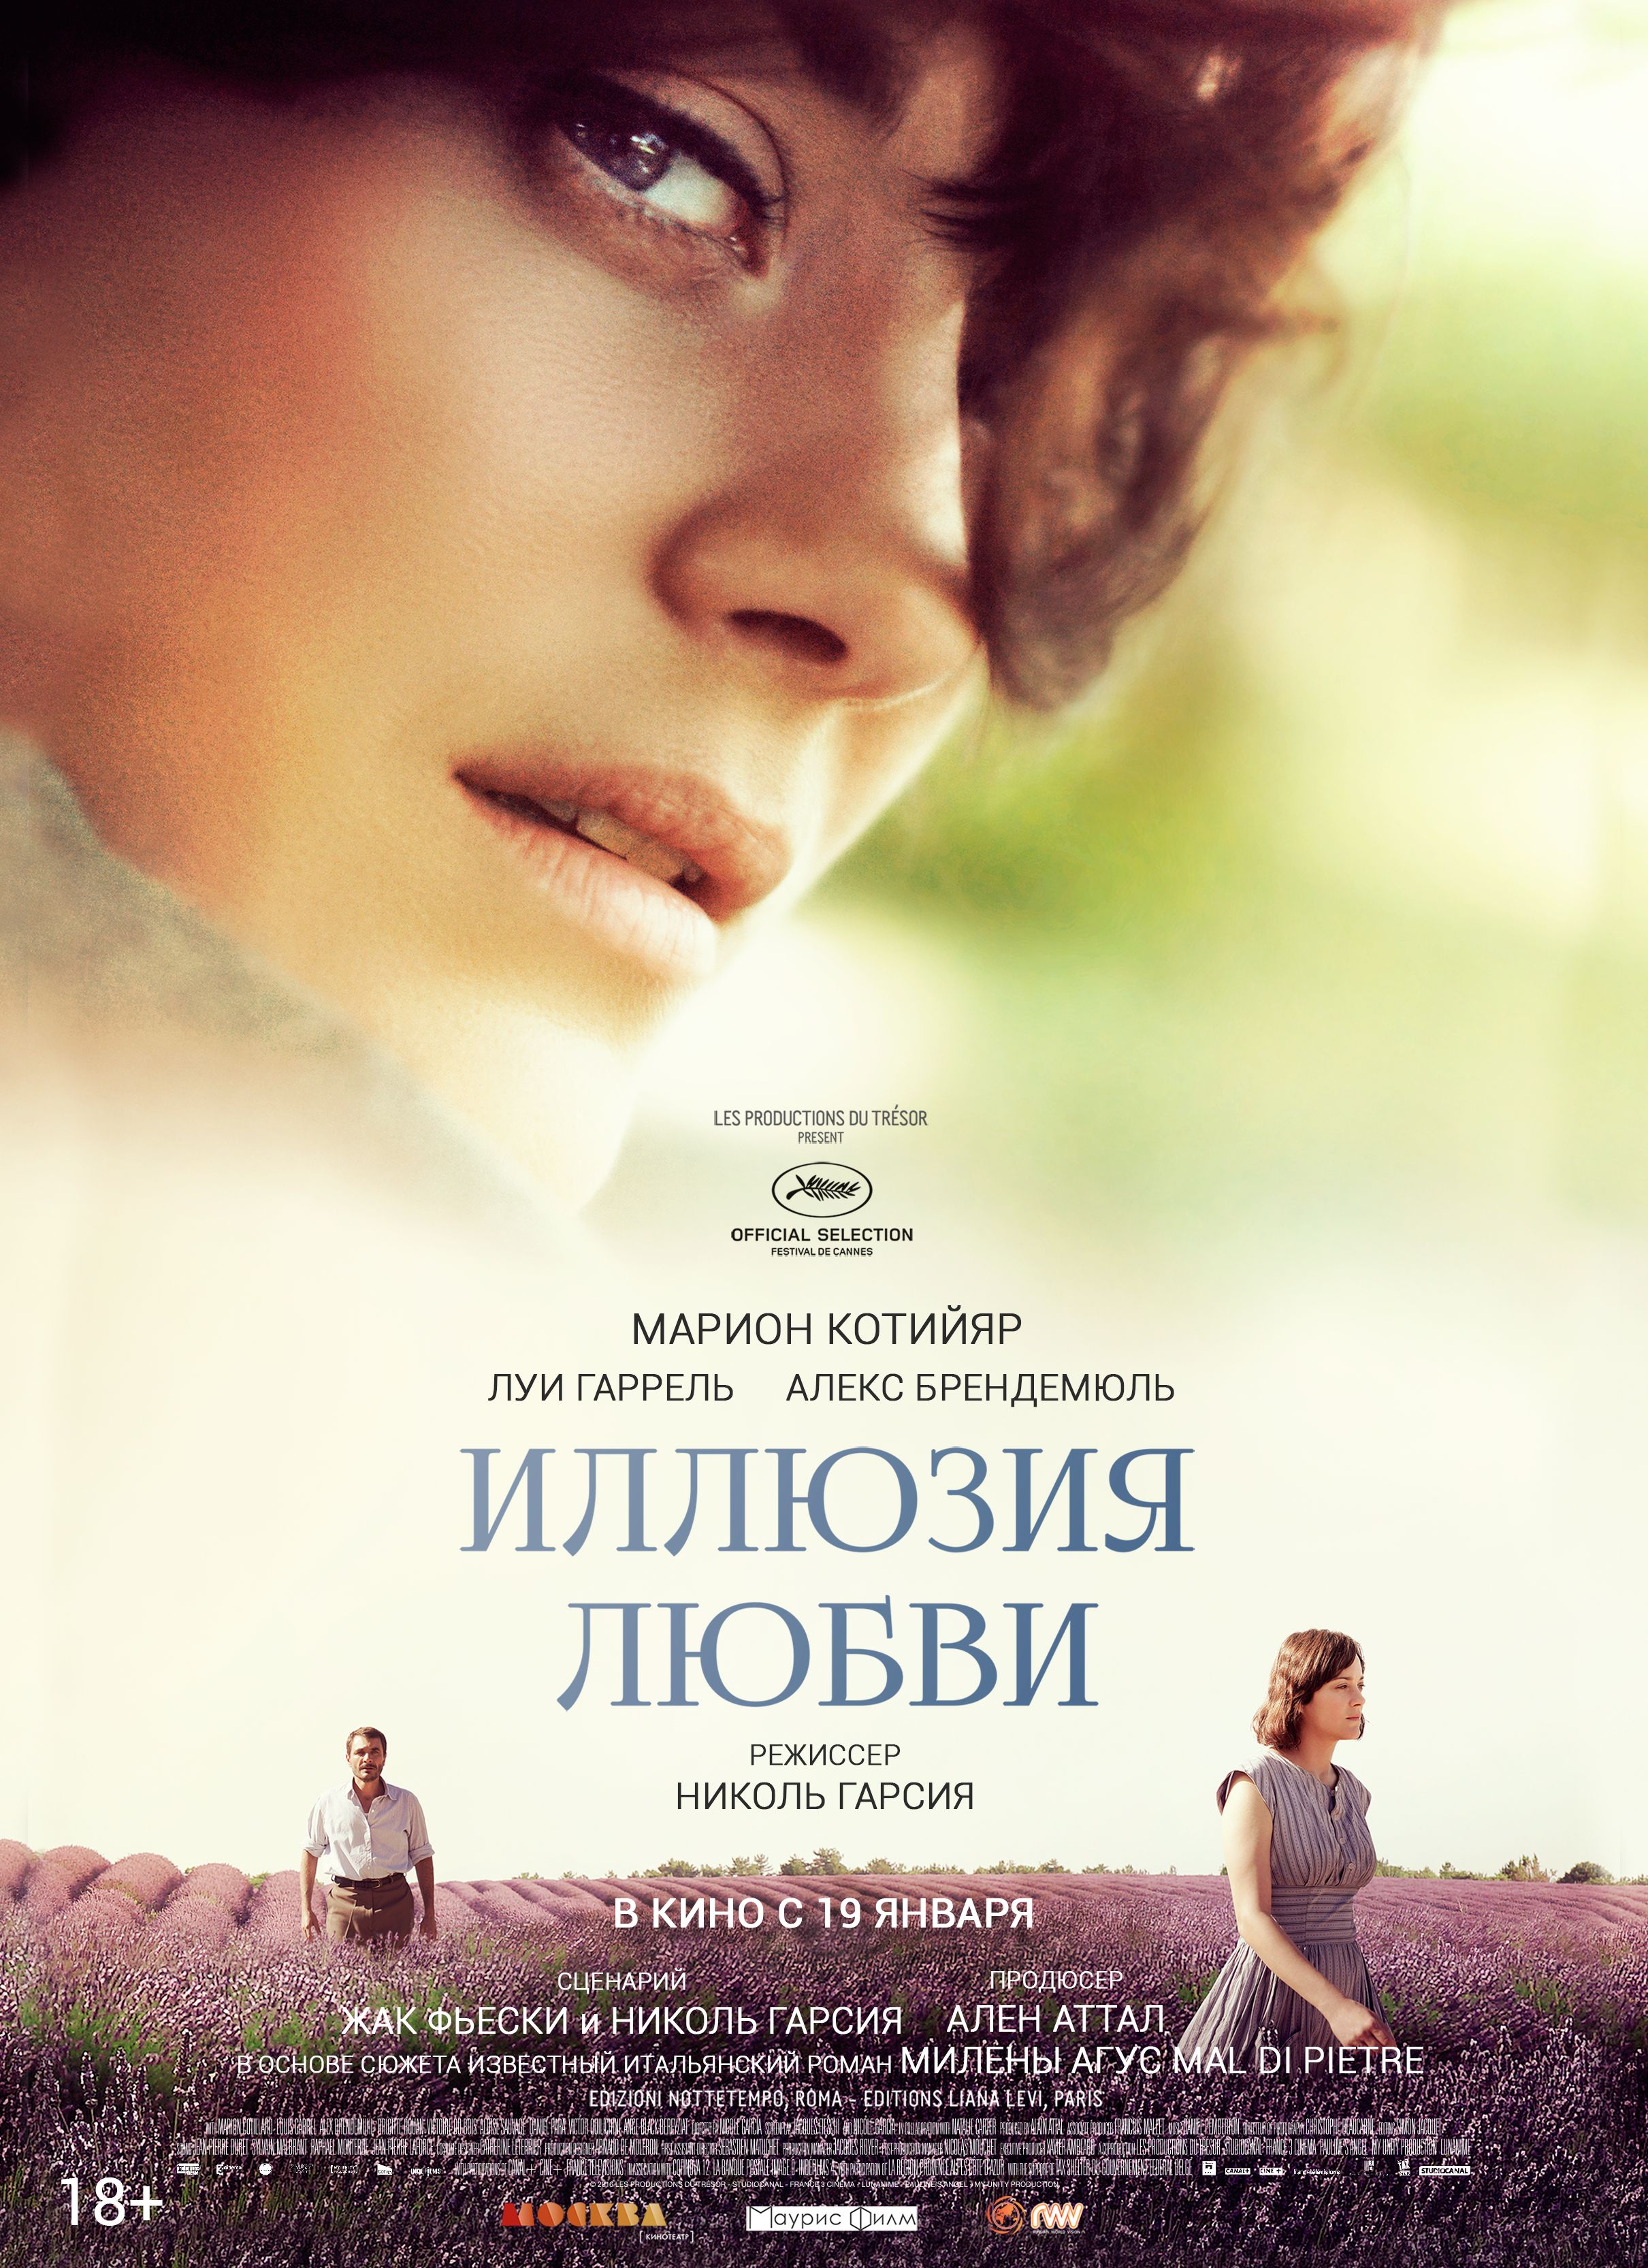 Смотреть фильмы онлайн на Tfilmco